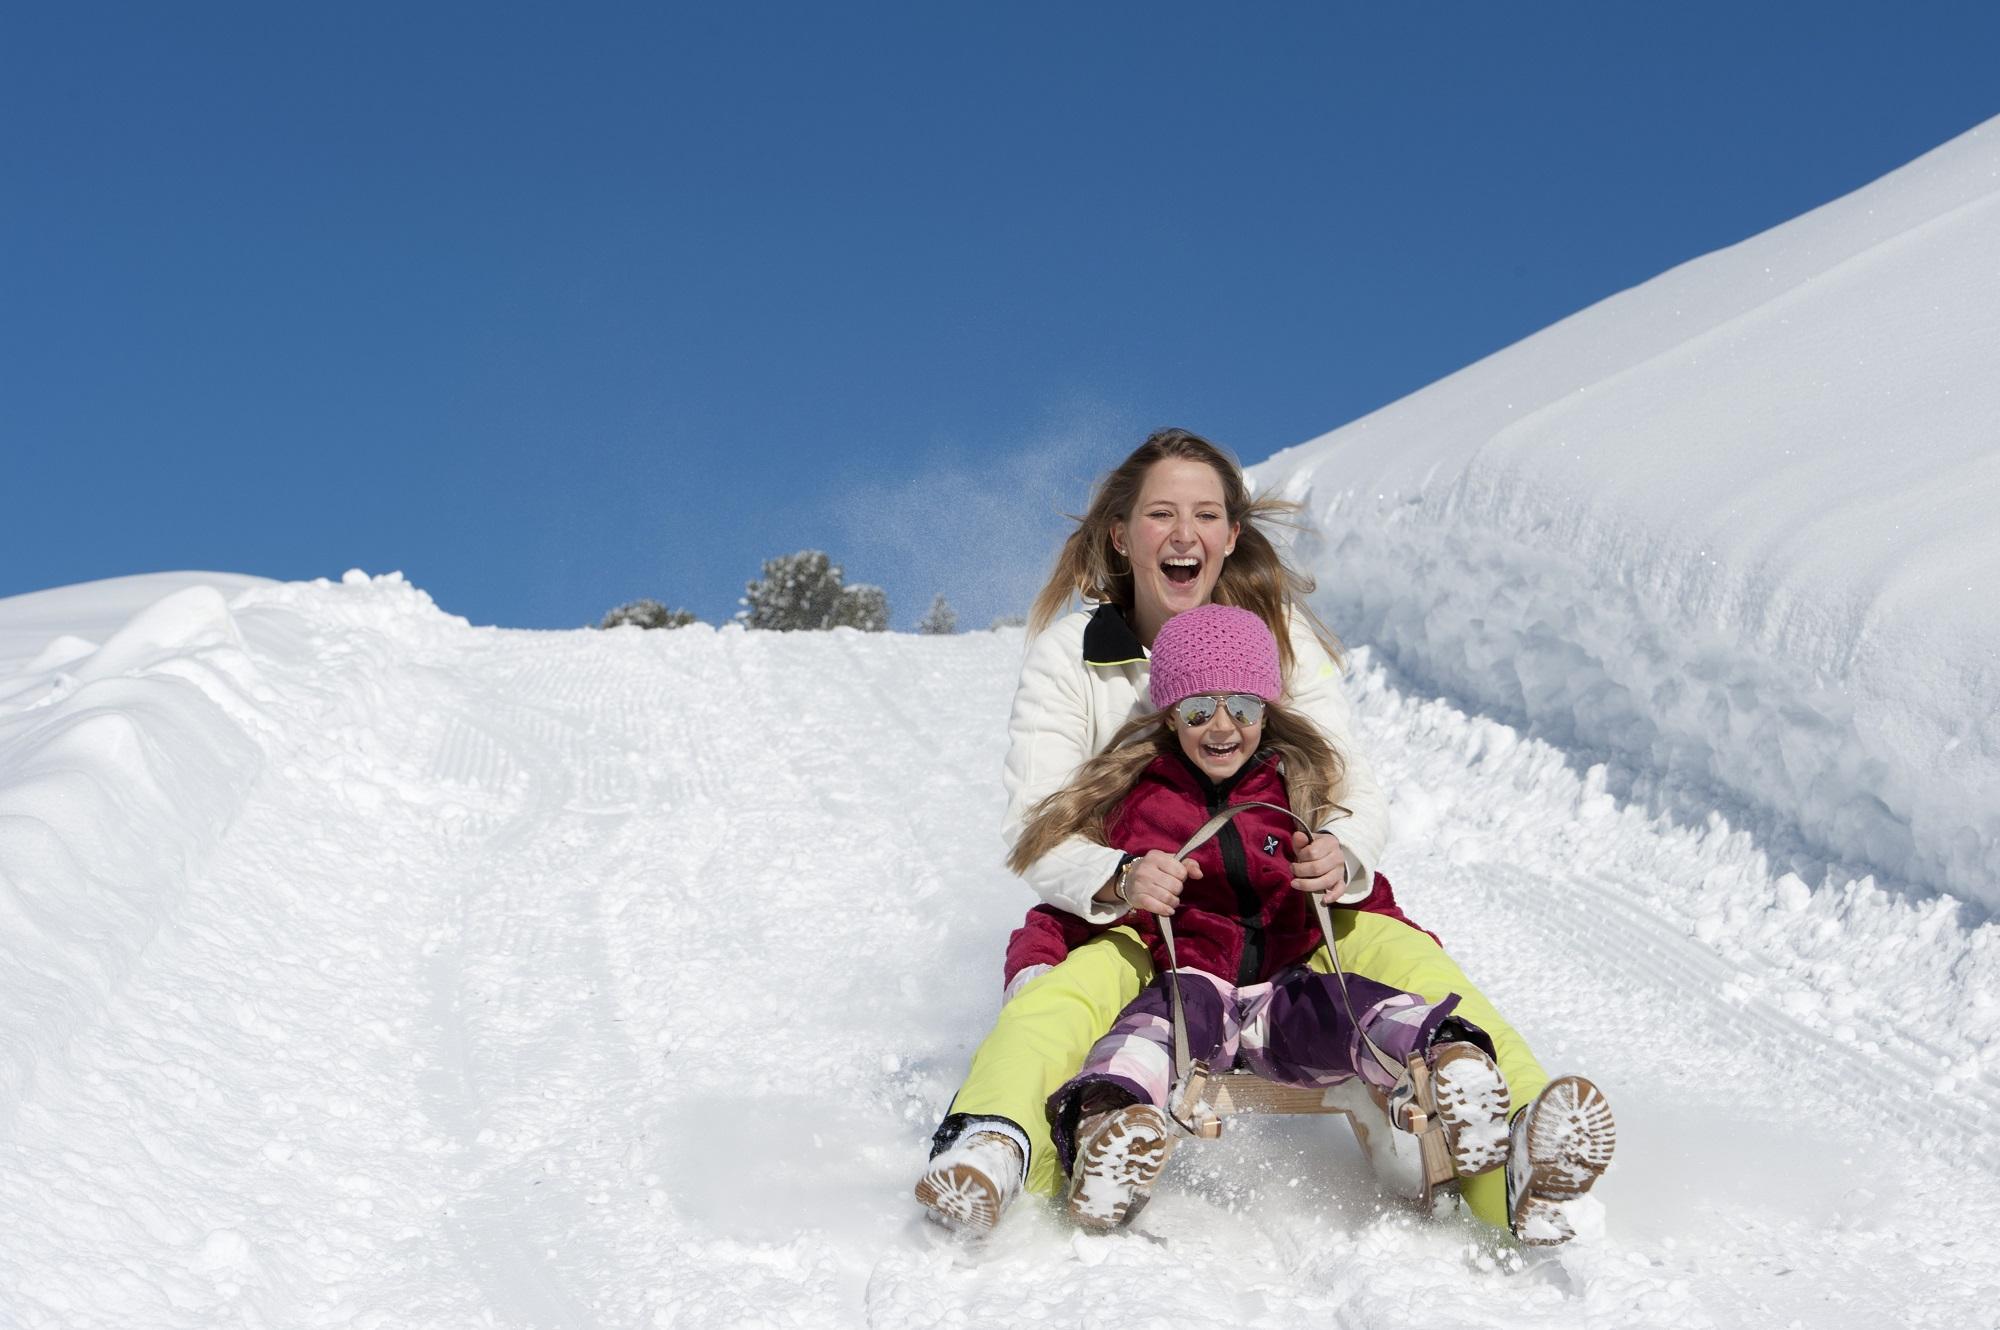 Winterurlaub im Berhotel Alpenfrieden im Ahrntal. ©TVB Kronplatz, Helmut Rier